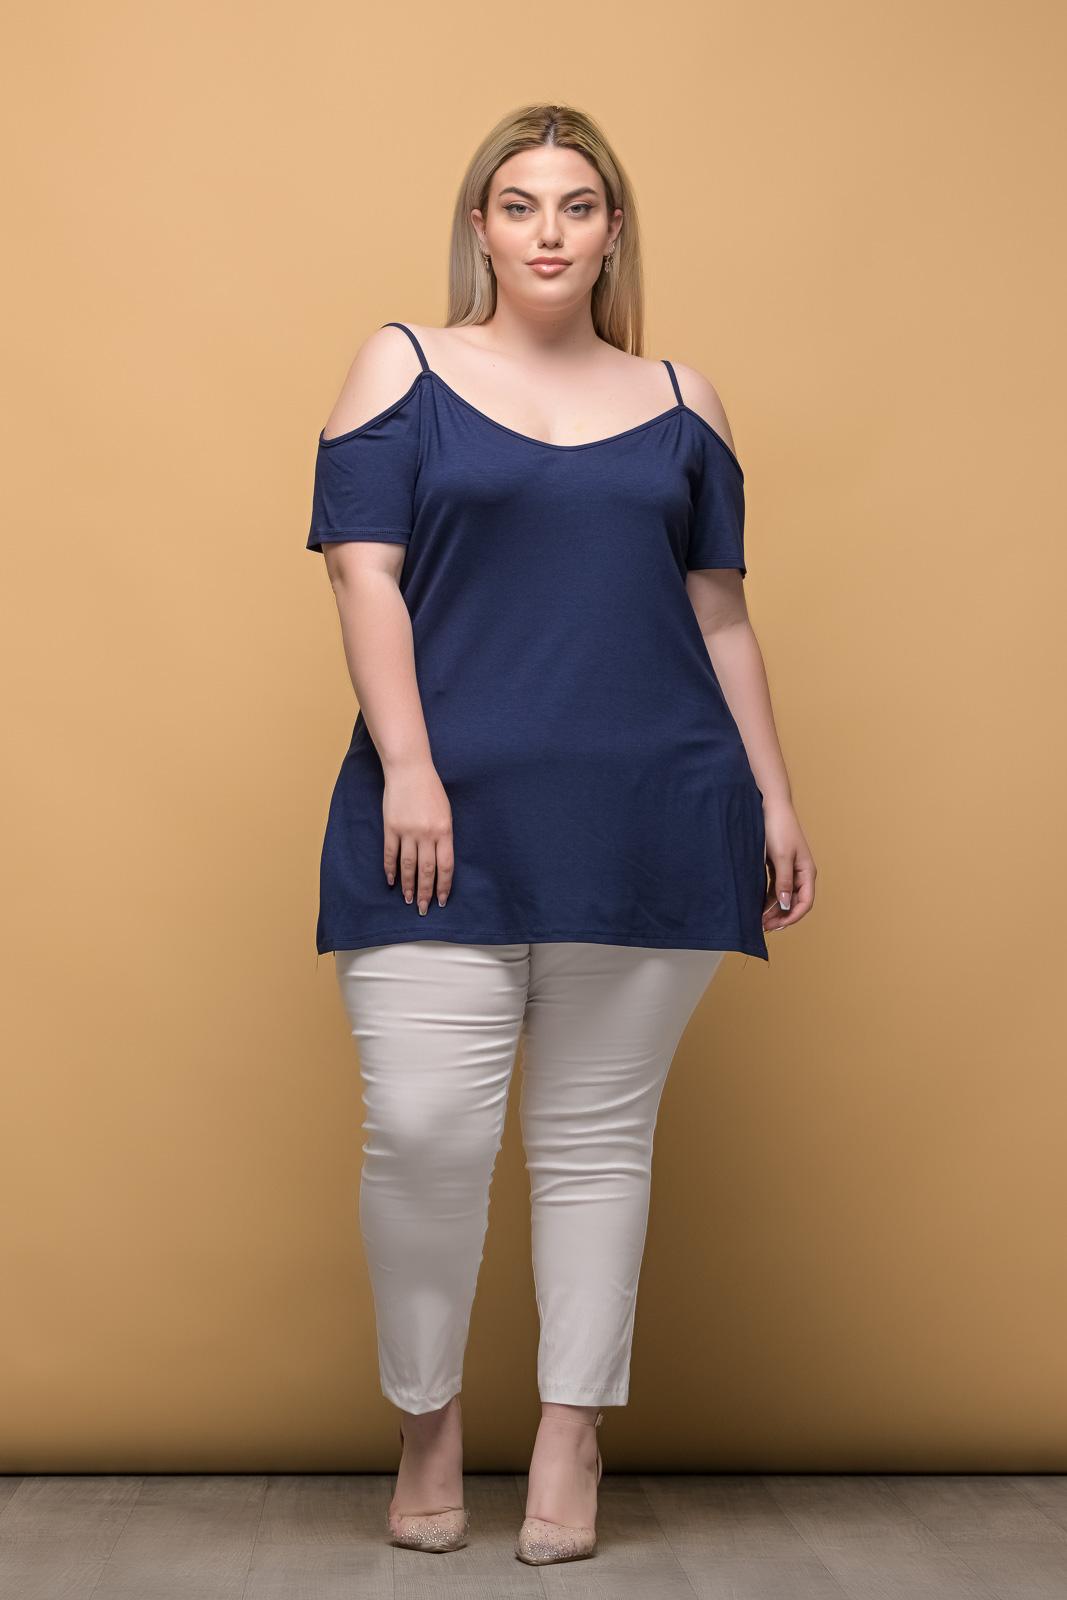 Μπλούζα μεγάλα μεγέθη μπλε με τιράντες και άνοιγμα στο πλάι.Στο eshop μας θα βρείτε οικονομικά γυναίκεια ρούχα σε μεγάλα μεγέθη και υπερμεγέθη.